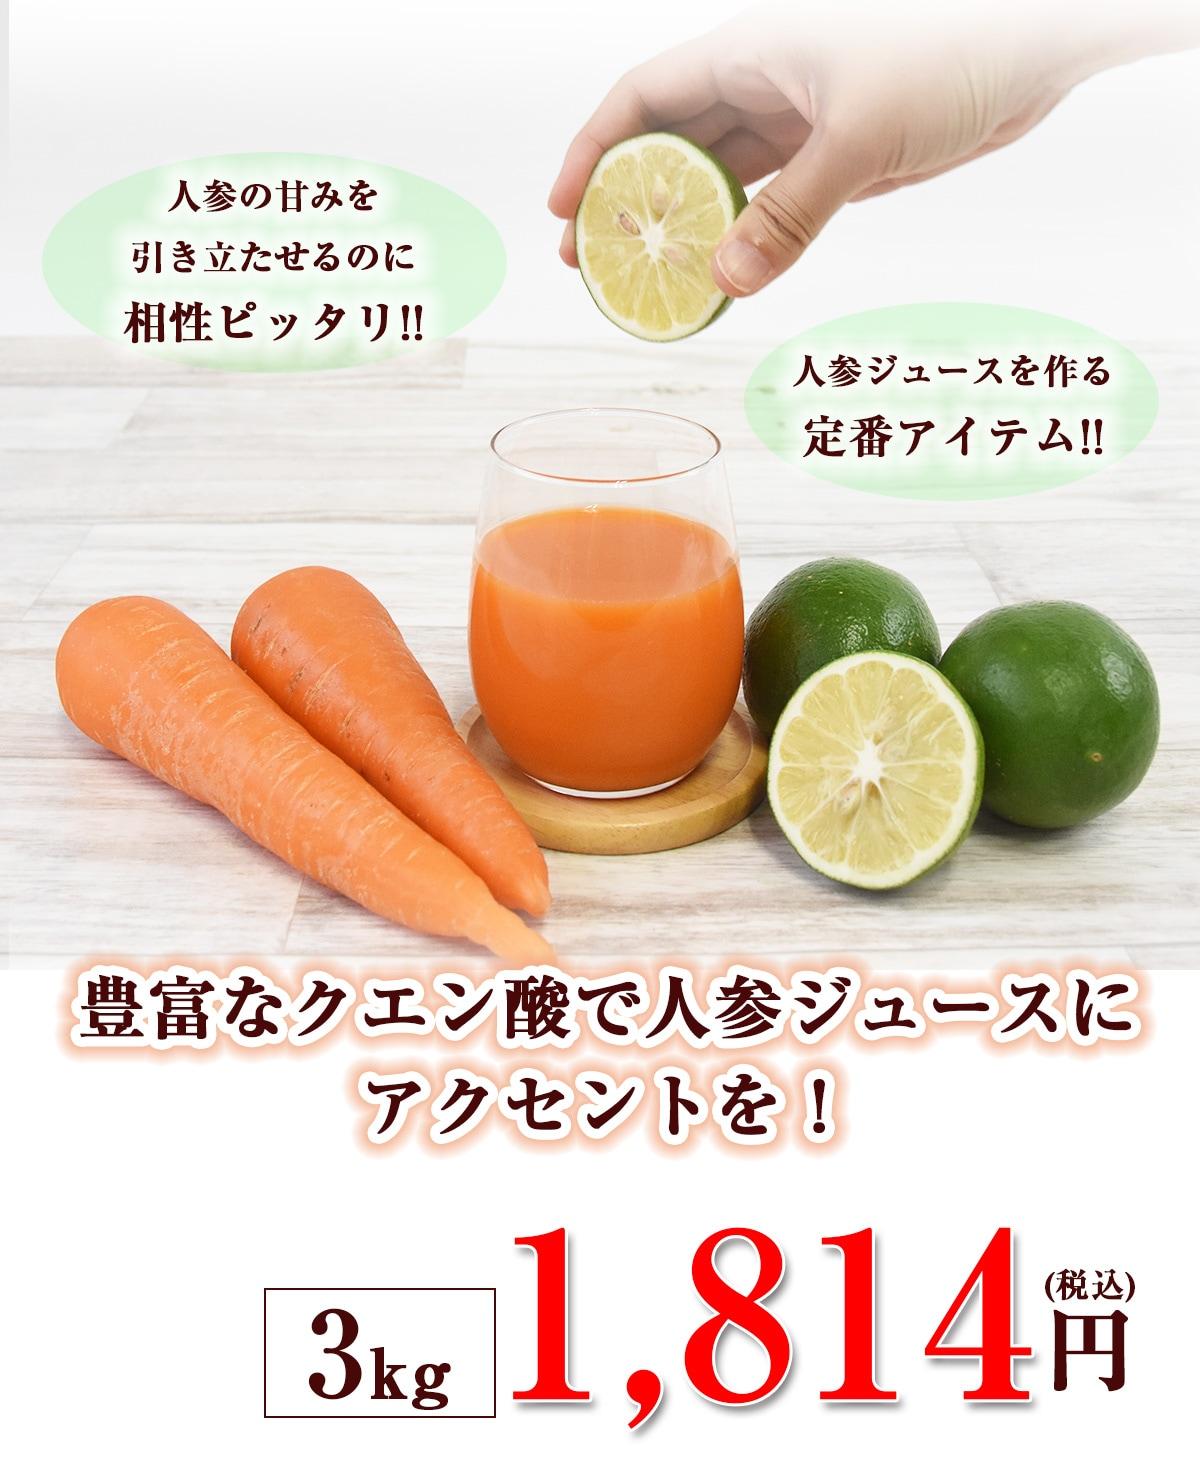 クエン酸で人参ジュースにアクセント 3kg(グリーン)